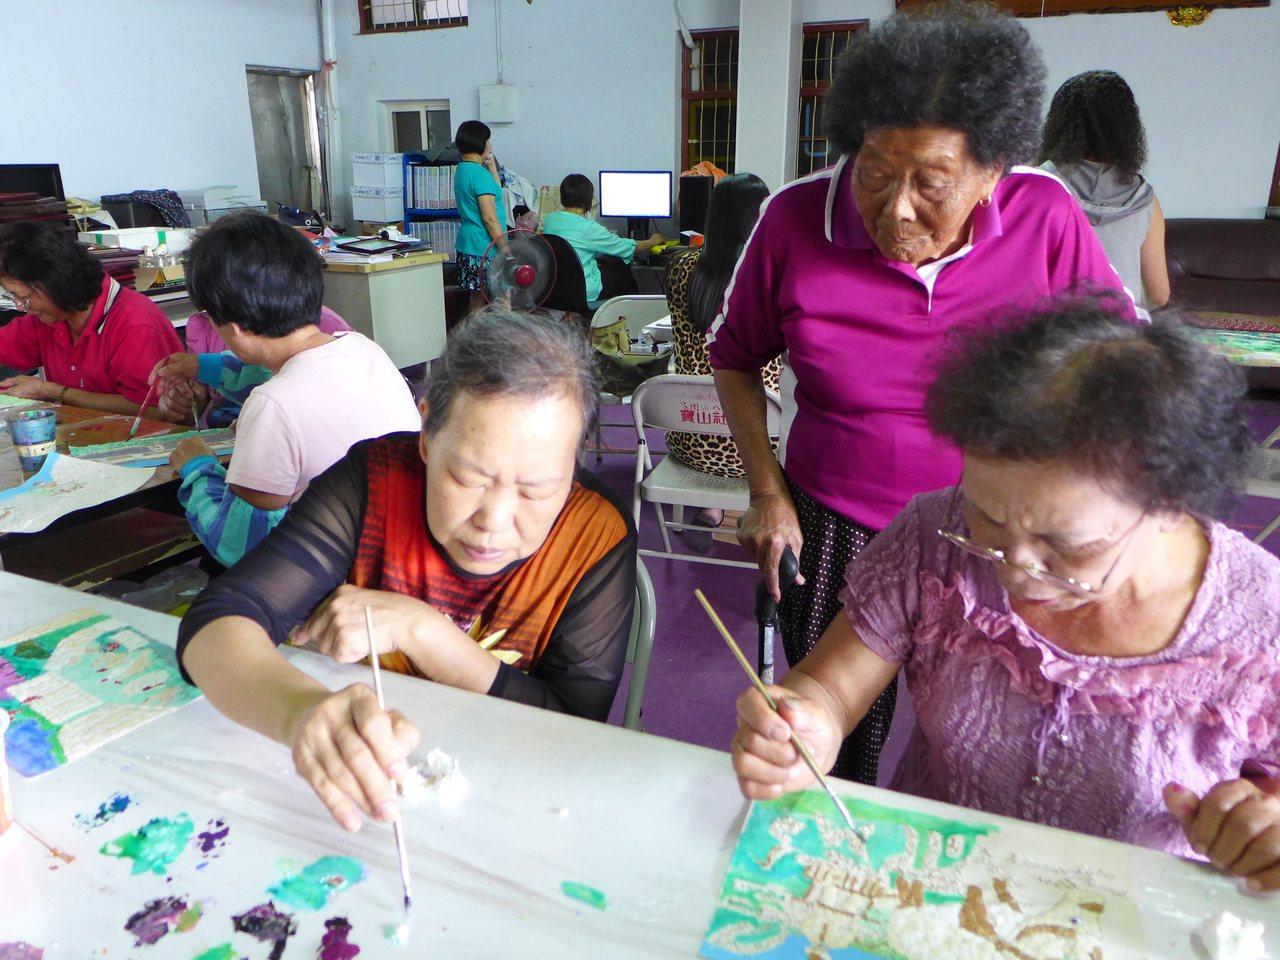 芬園鄉寶山社區居民蒐集蛋殼作畫,雖然耗眼力卻相當用心。記者林敬家/攝影